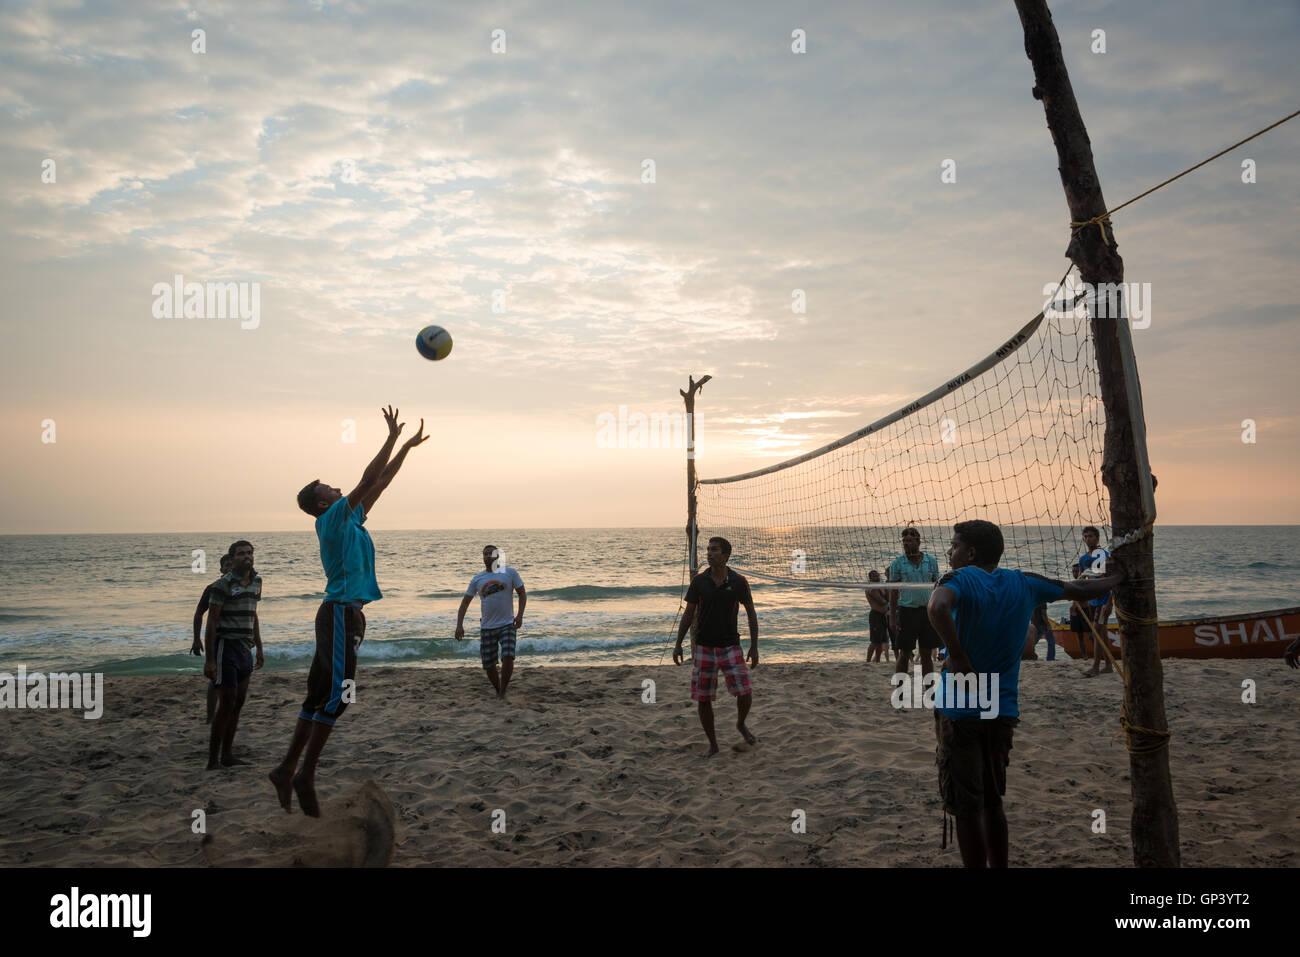 Niños jugando al voleibol en Varkala Beach, Kerala, India Imagen De Stock